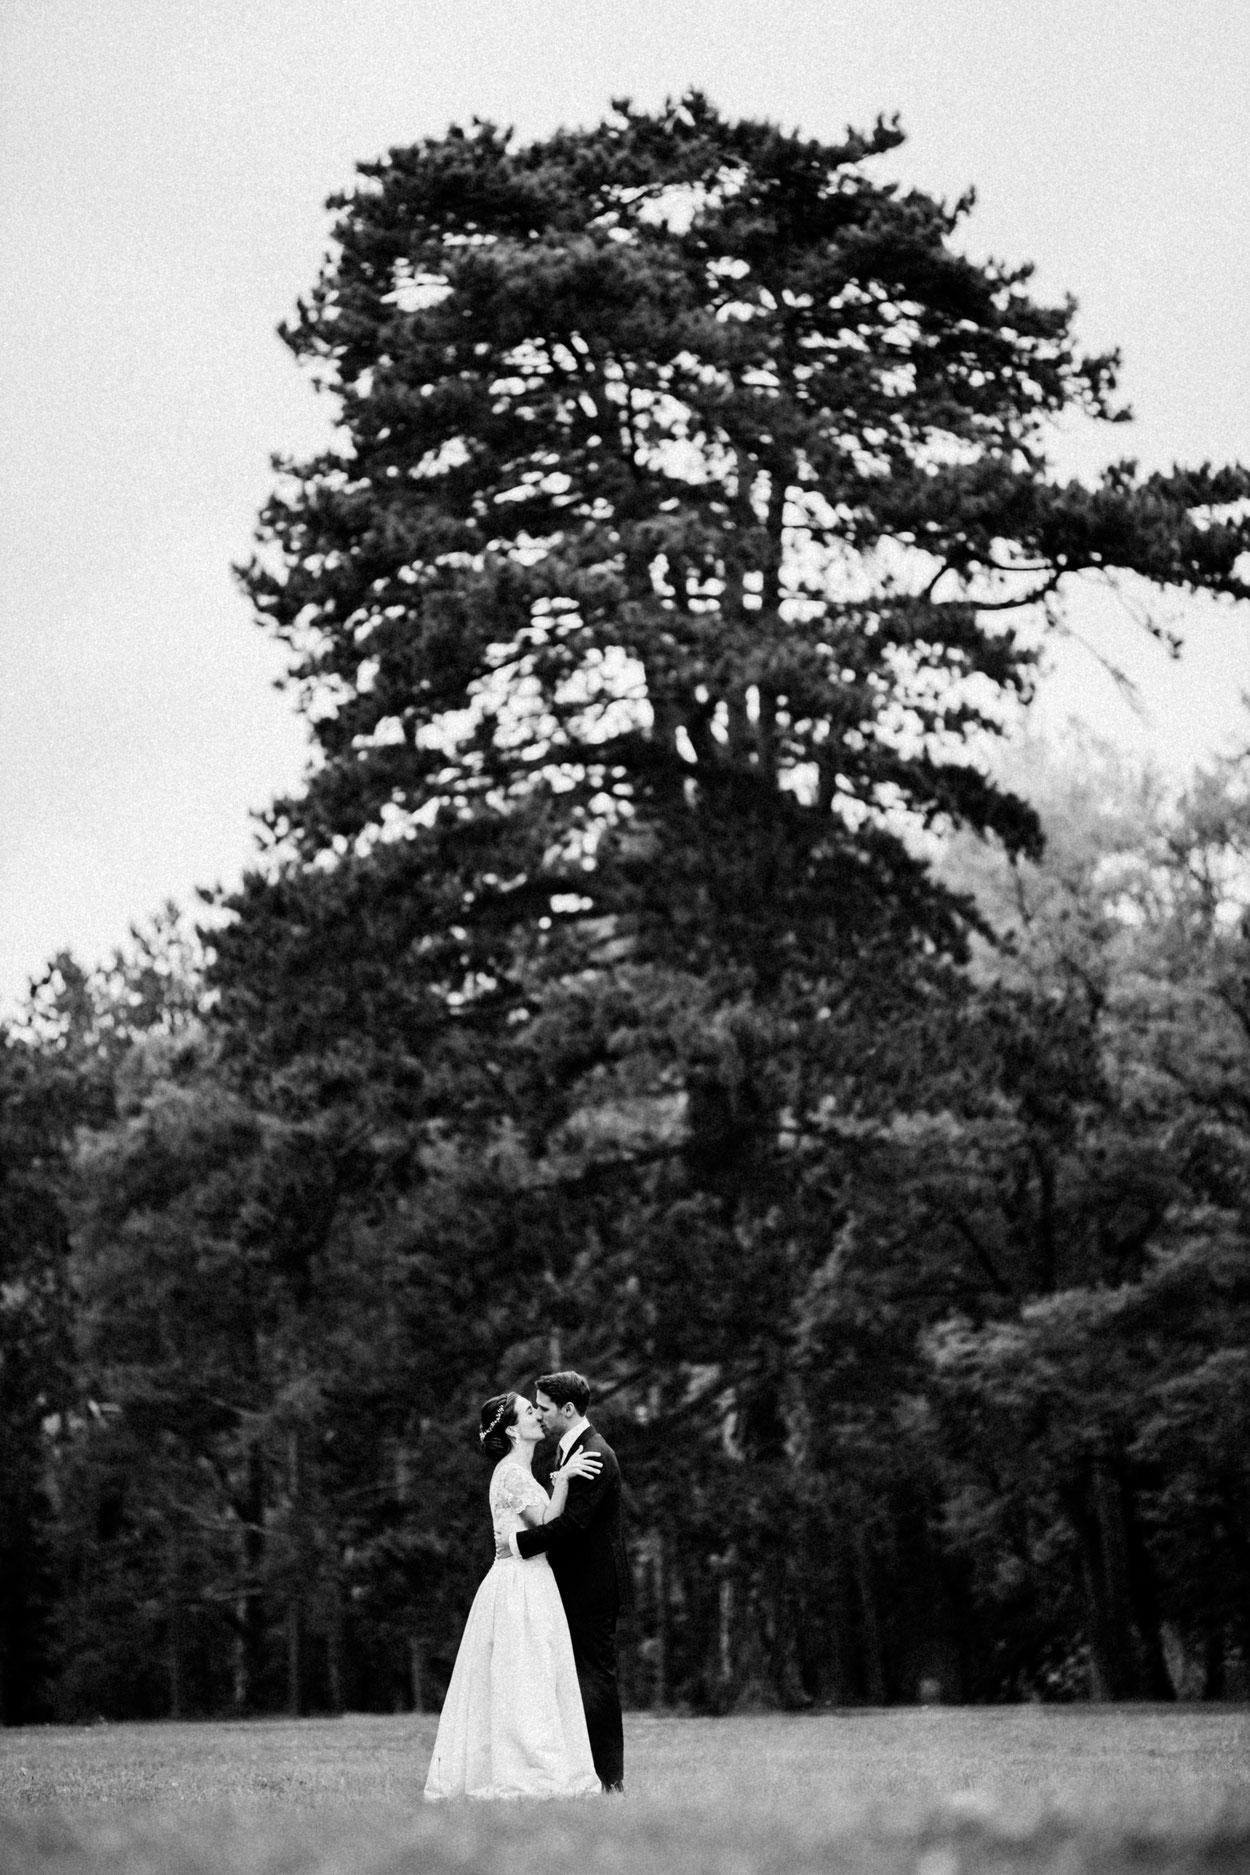 Hochzeitsfotograf Saarland - Fotograf Kai Kreutzer 73 Saarbrücken, Saarlouis, Merzig, St. Wendel